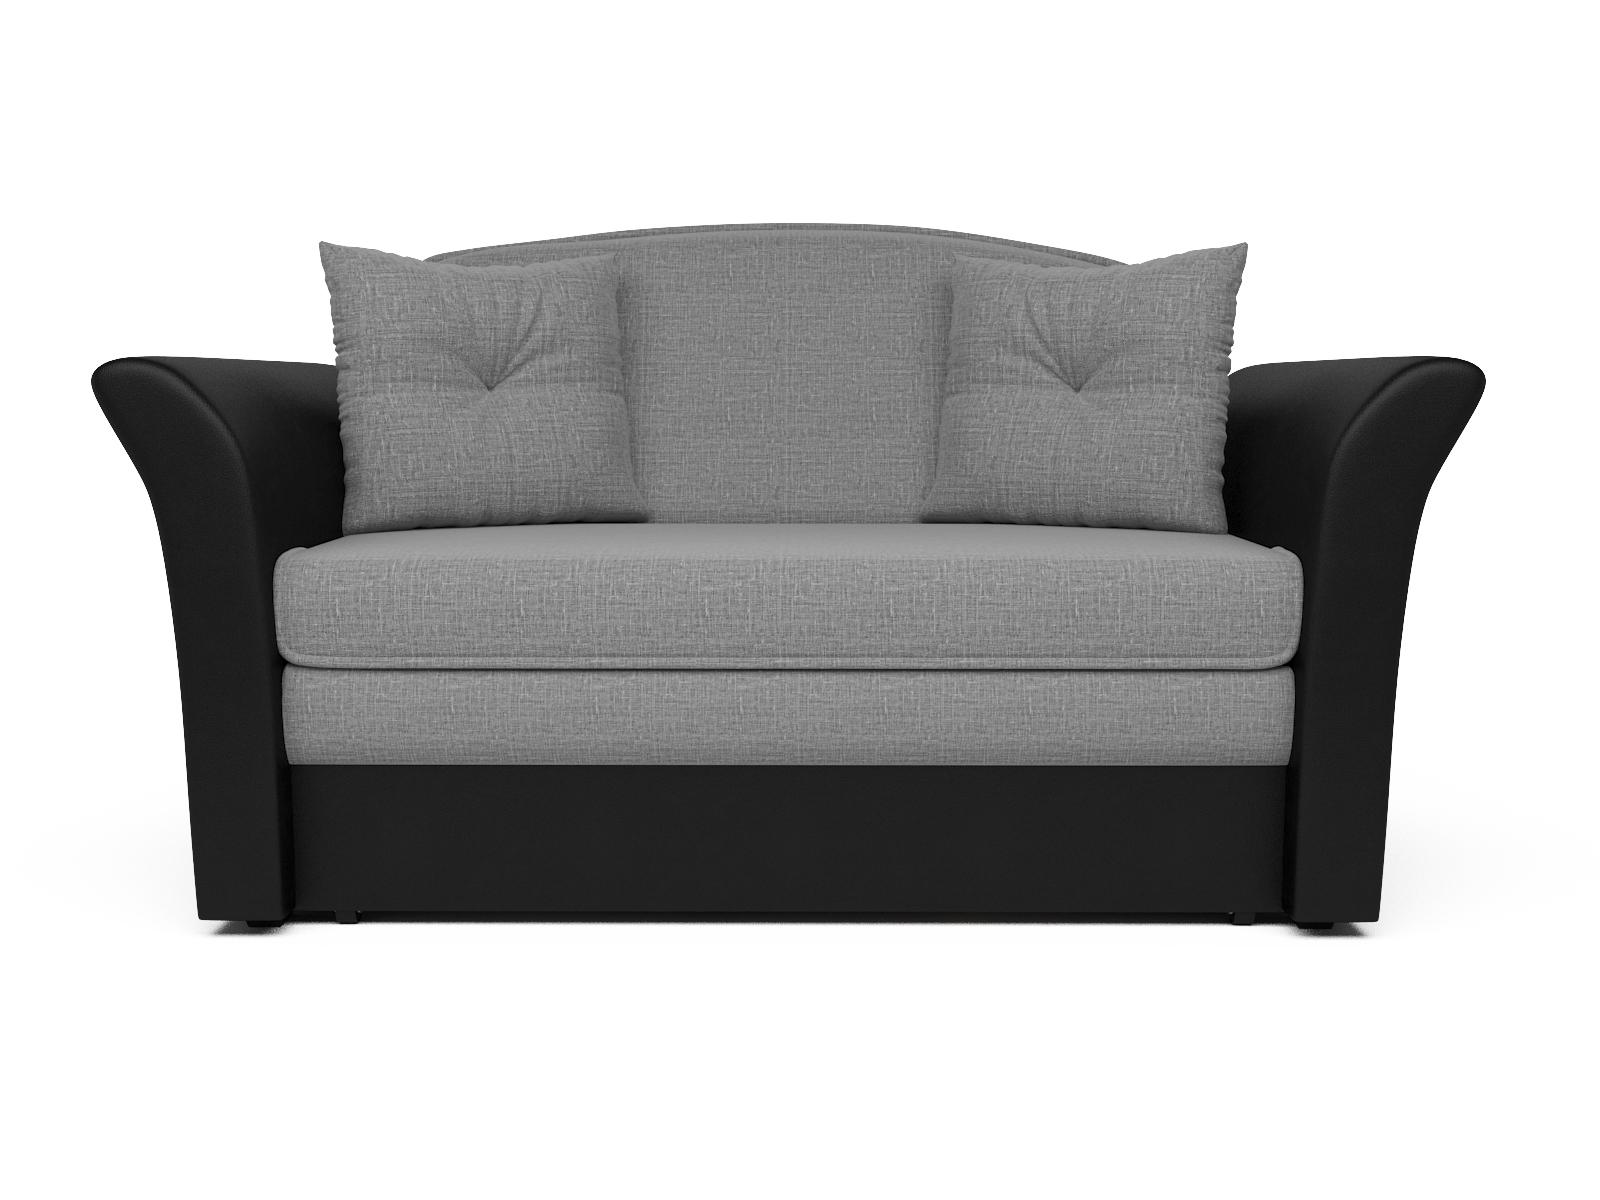 Фото - Диван Малютка 2 MebelVia Серый, Черный, Рогожка, Брус сосны диван малютка кармен mebelvia черный серый жаккард экокожа брус со